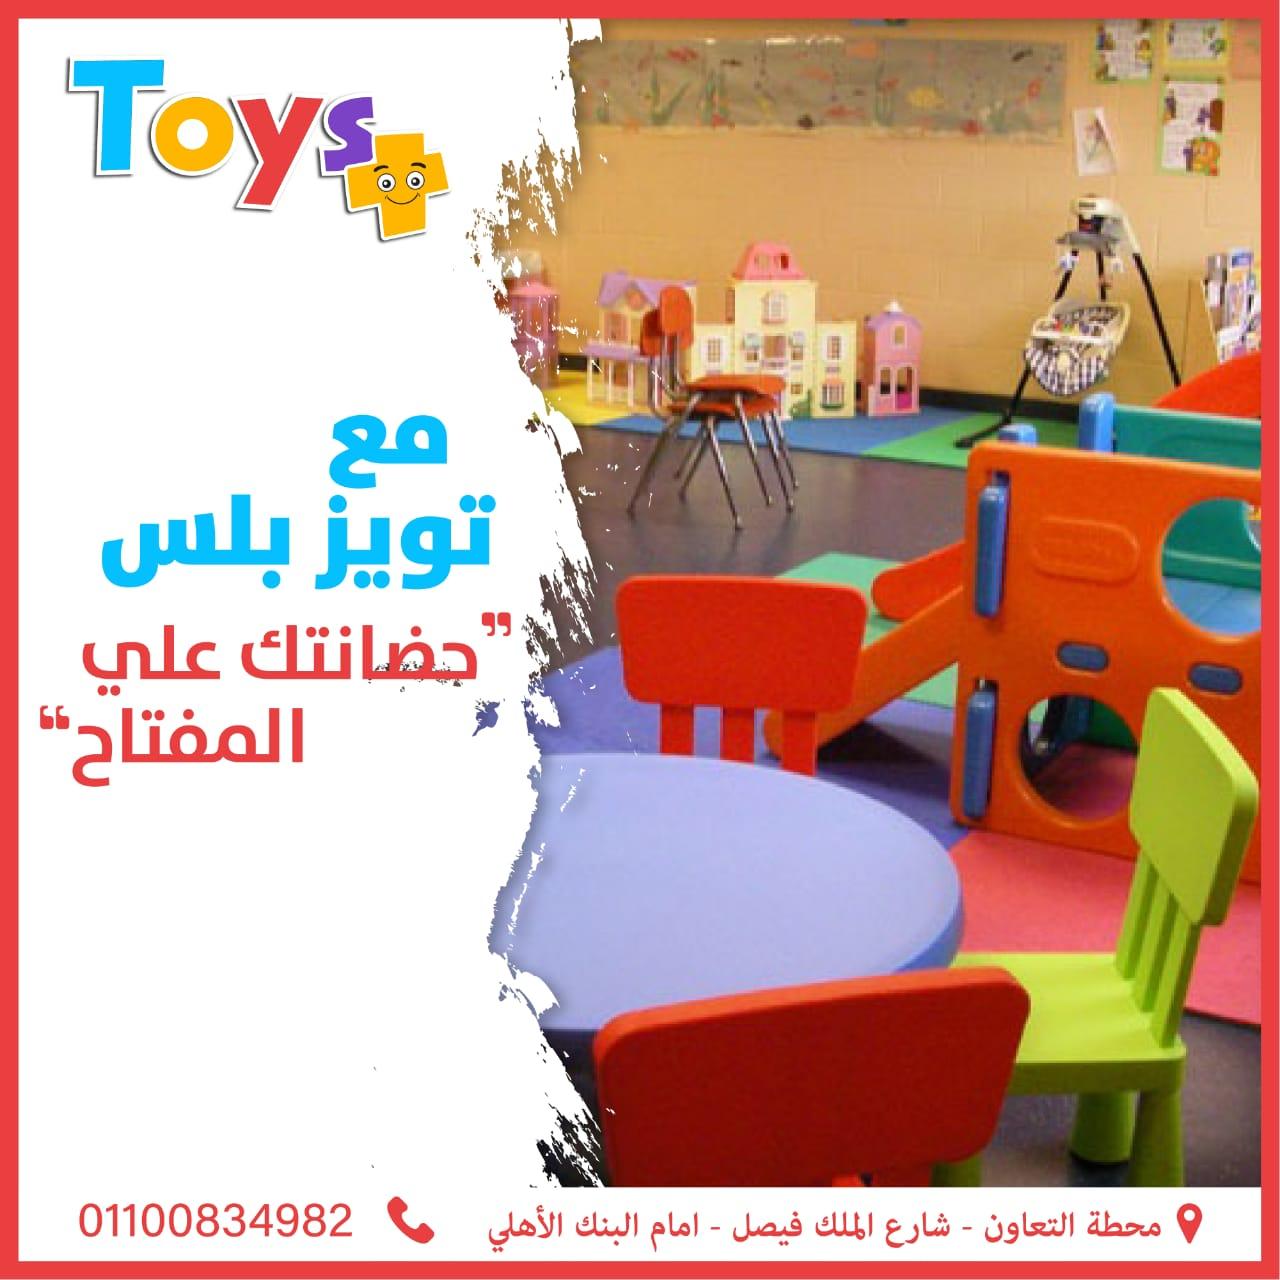 العاب اطفال و تجيز حضانات  Project Picture